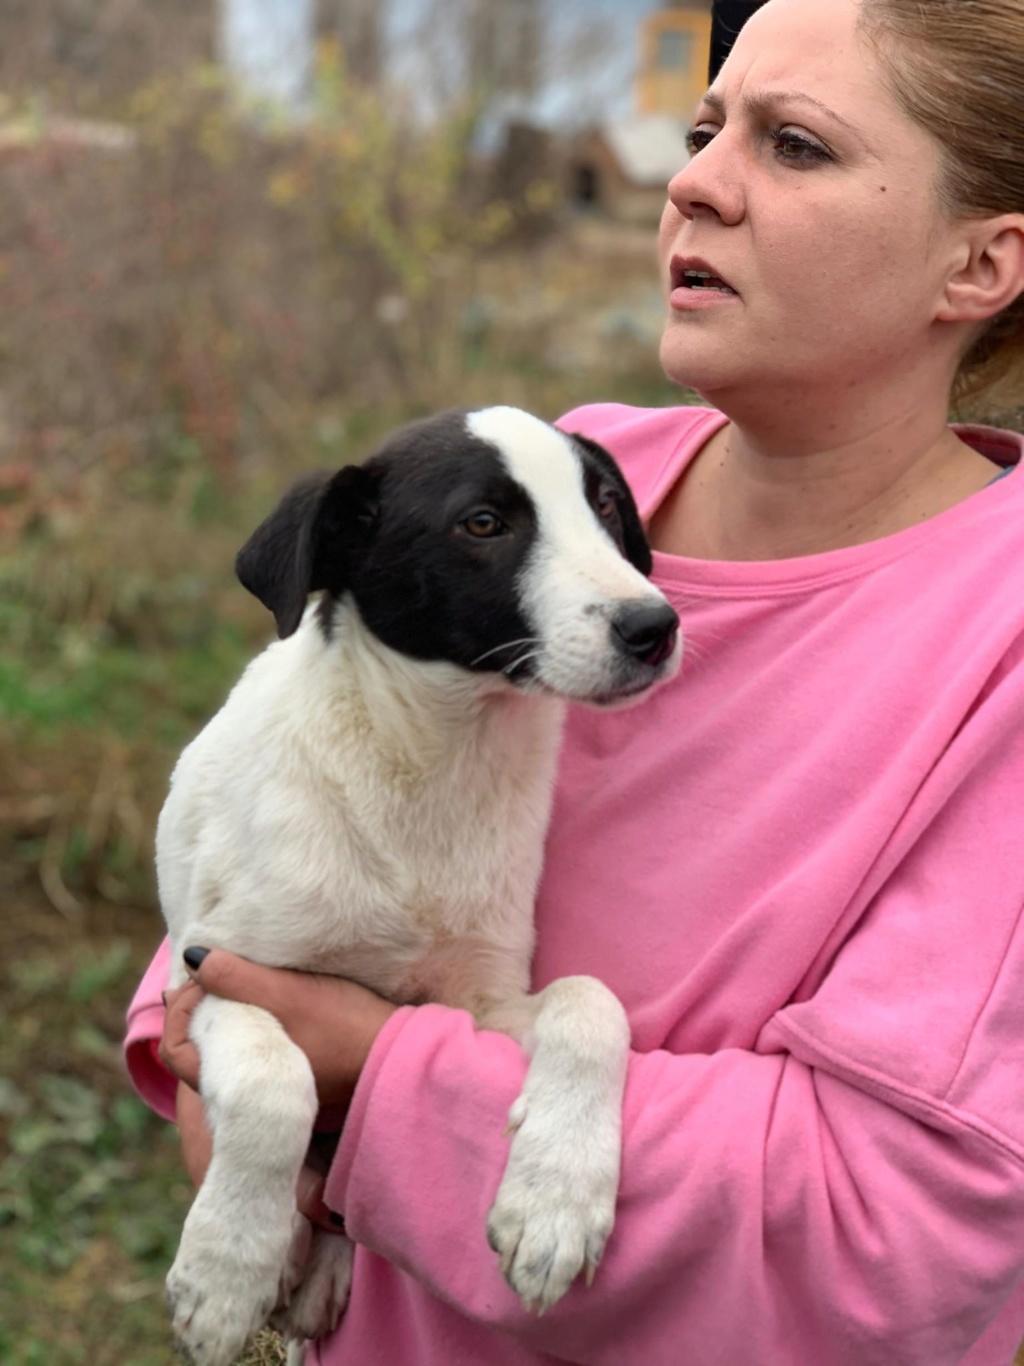 Pongo-mâle- fourrière de Târgu Frumos - adopté via Andreea 74433510